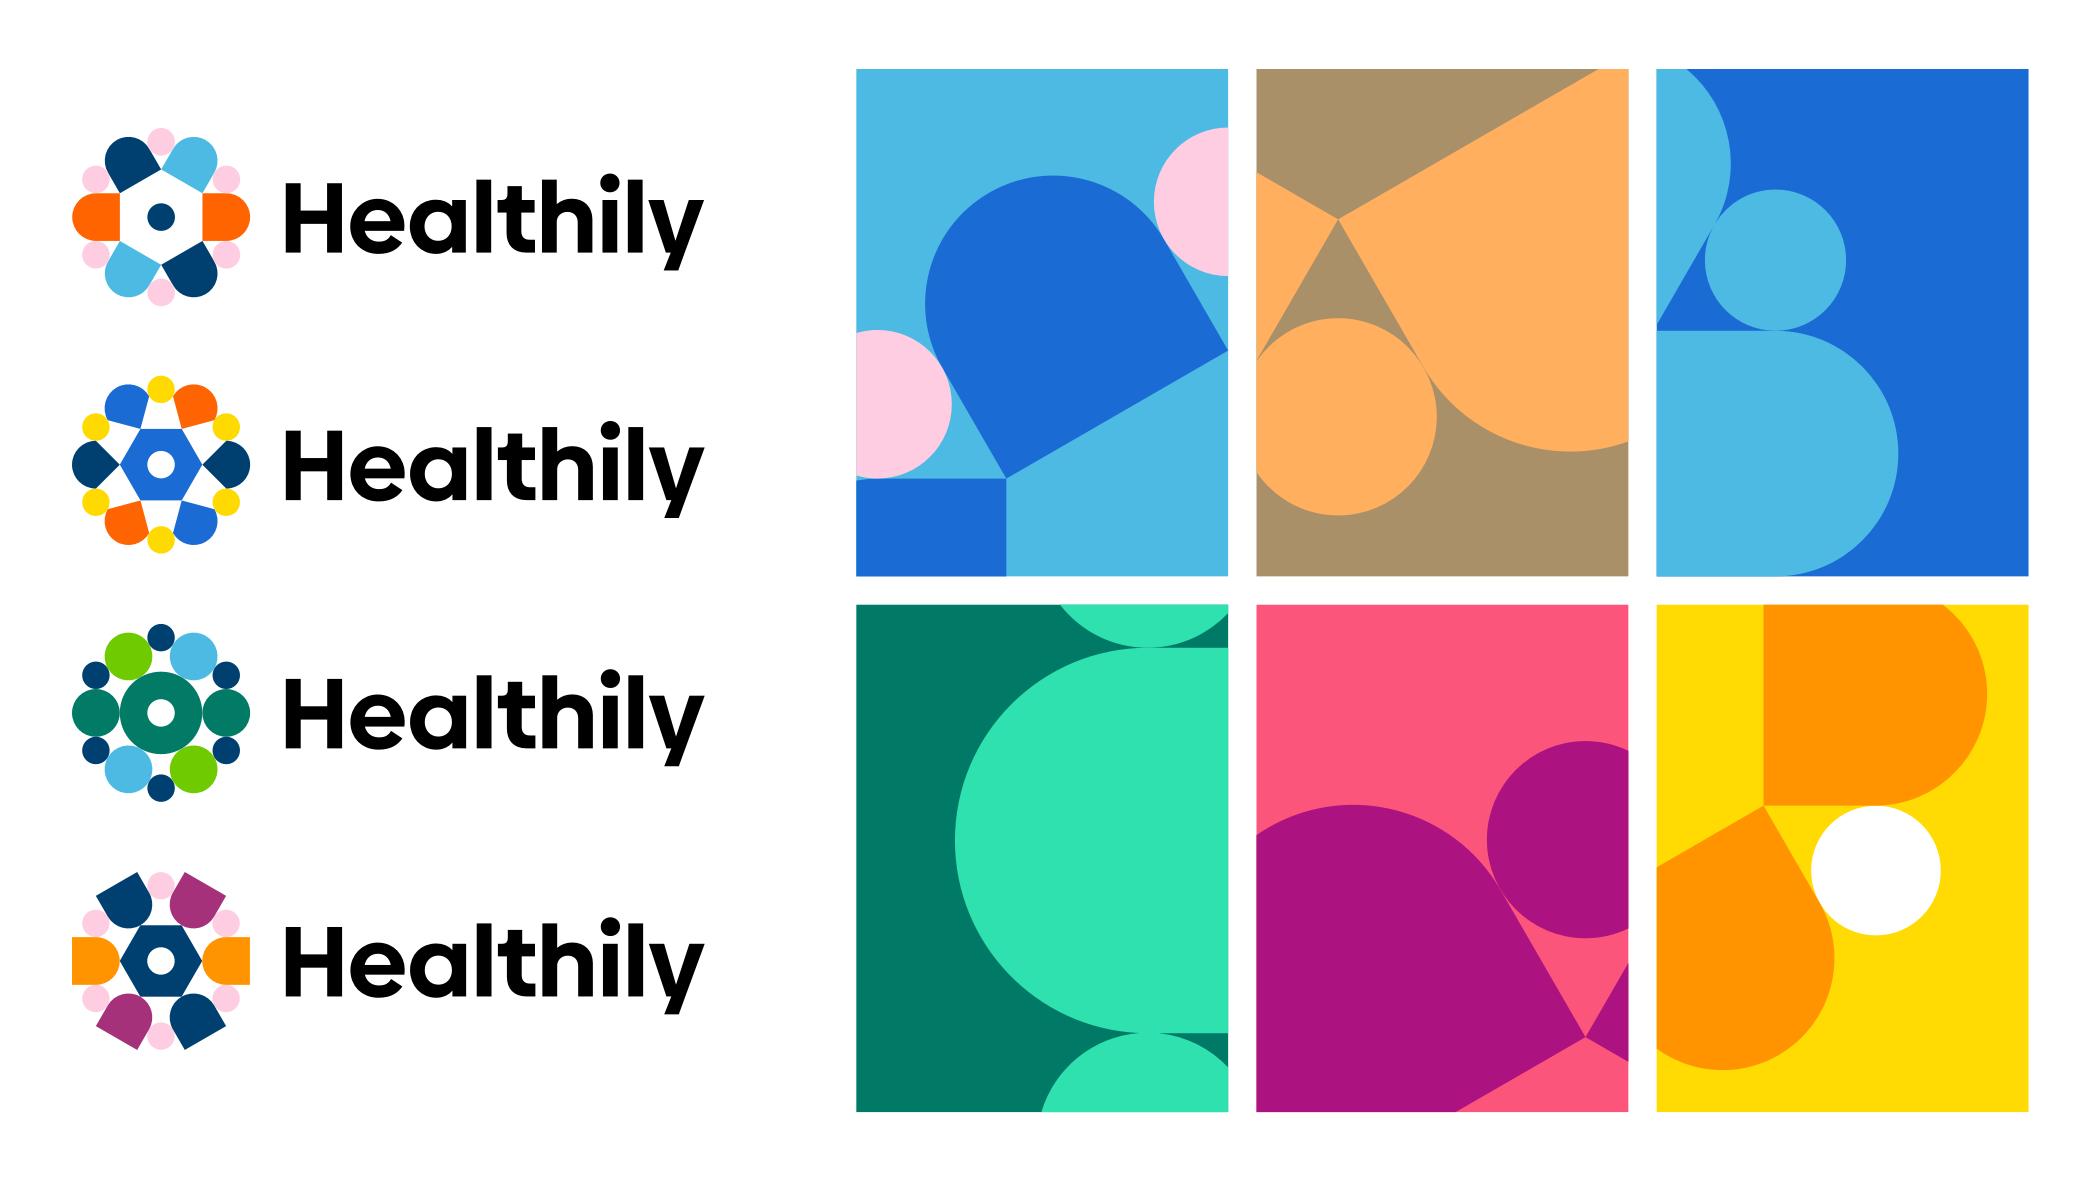 Healthily logos